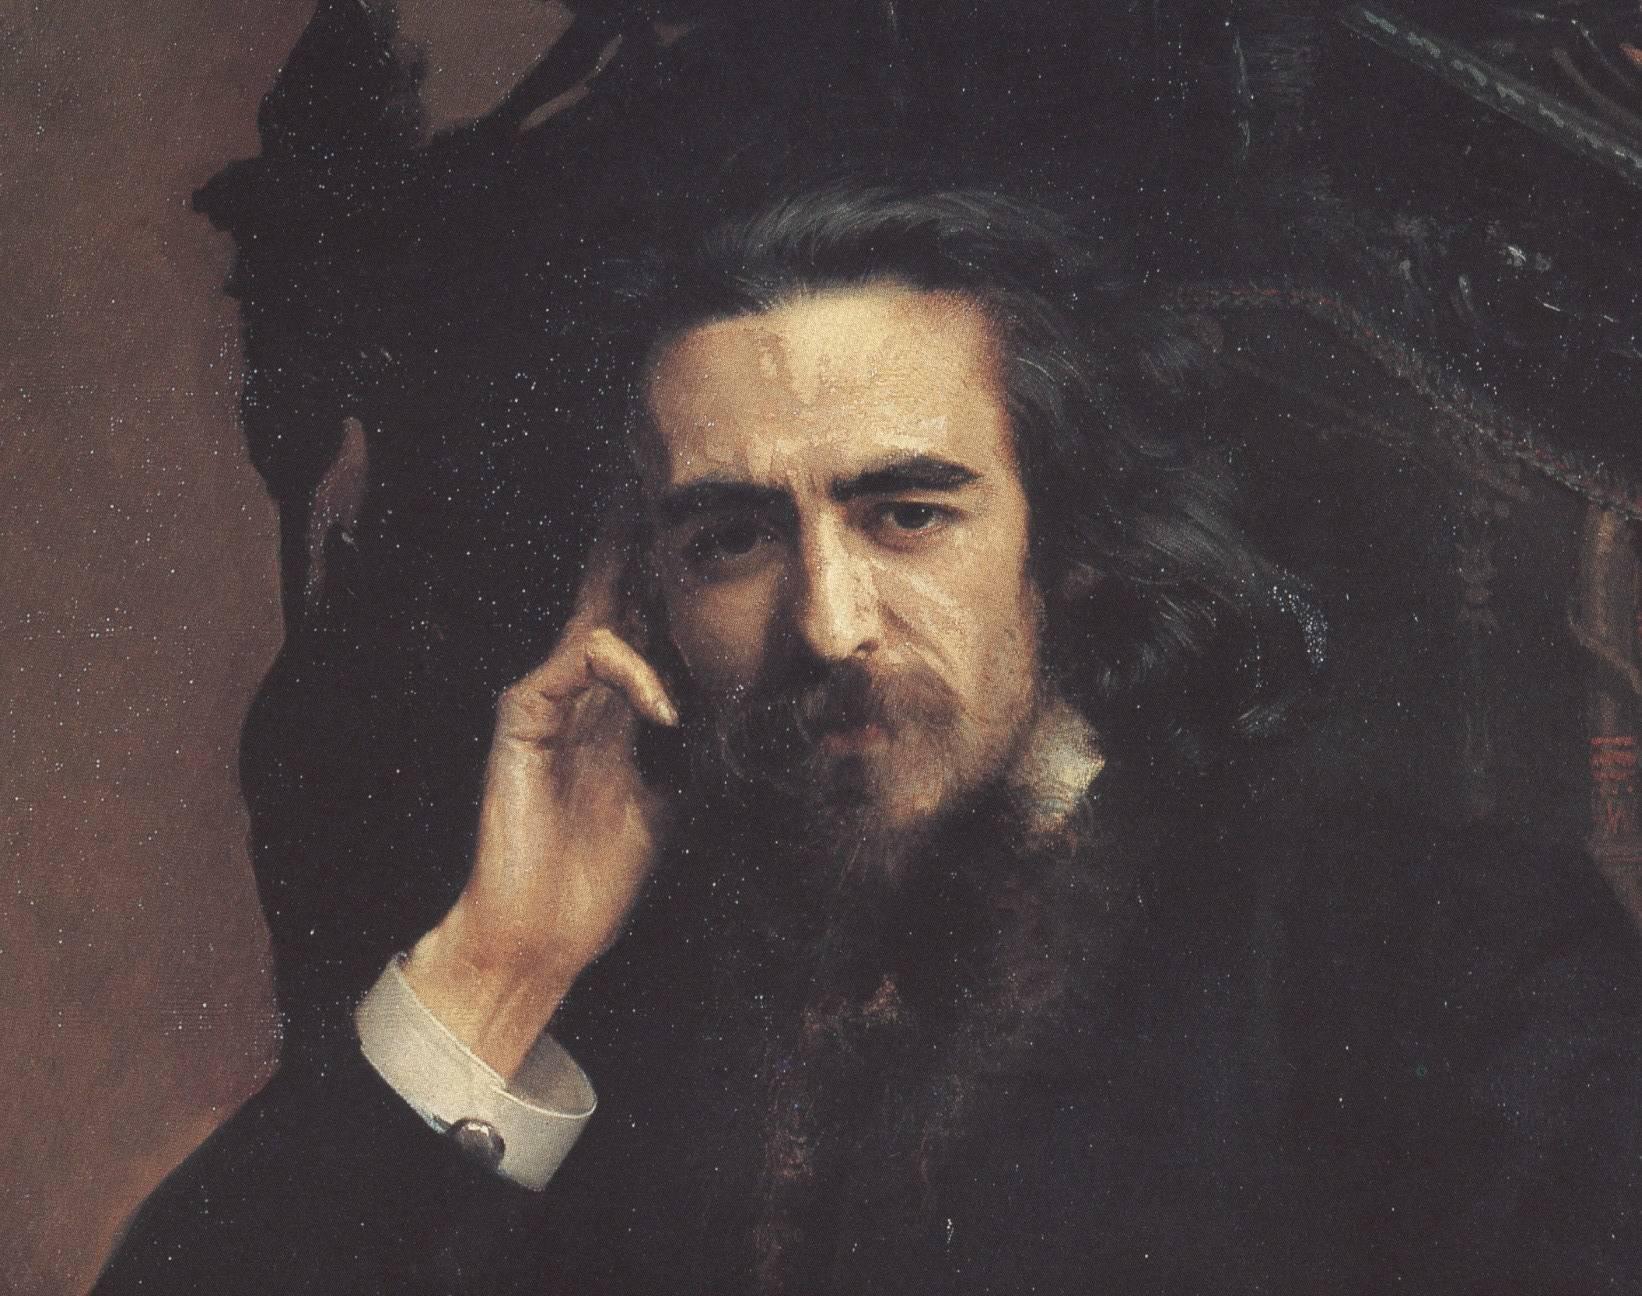 Solovev-vladimir-philosoph